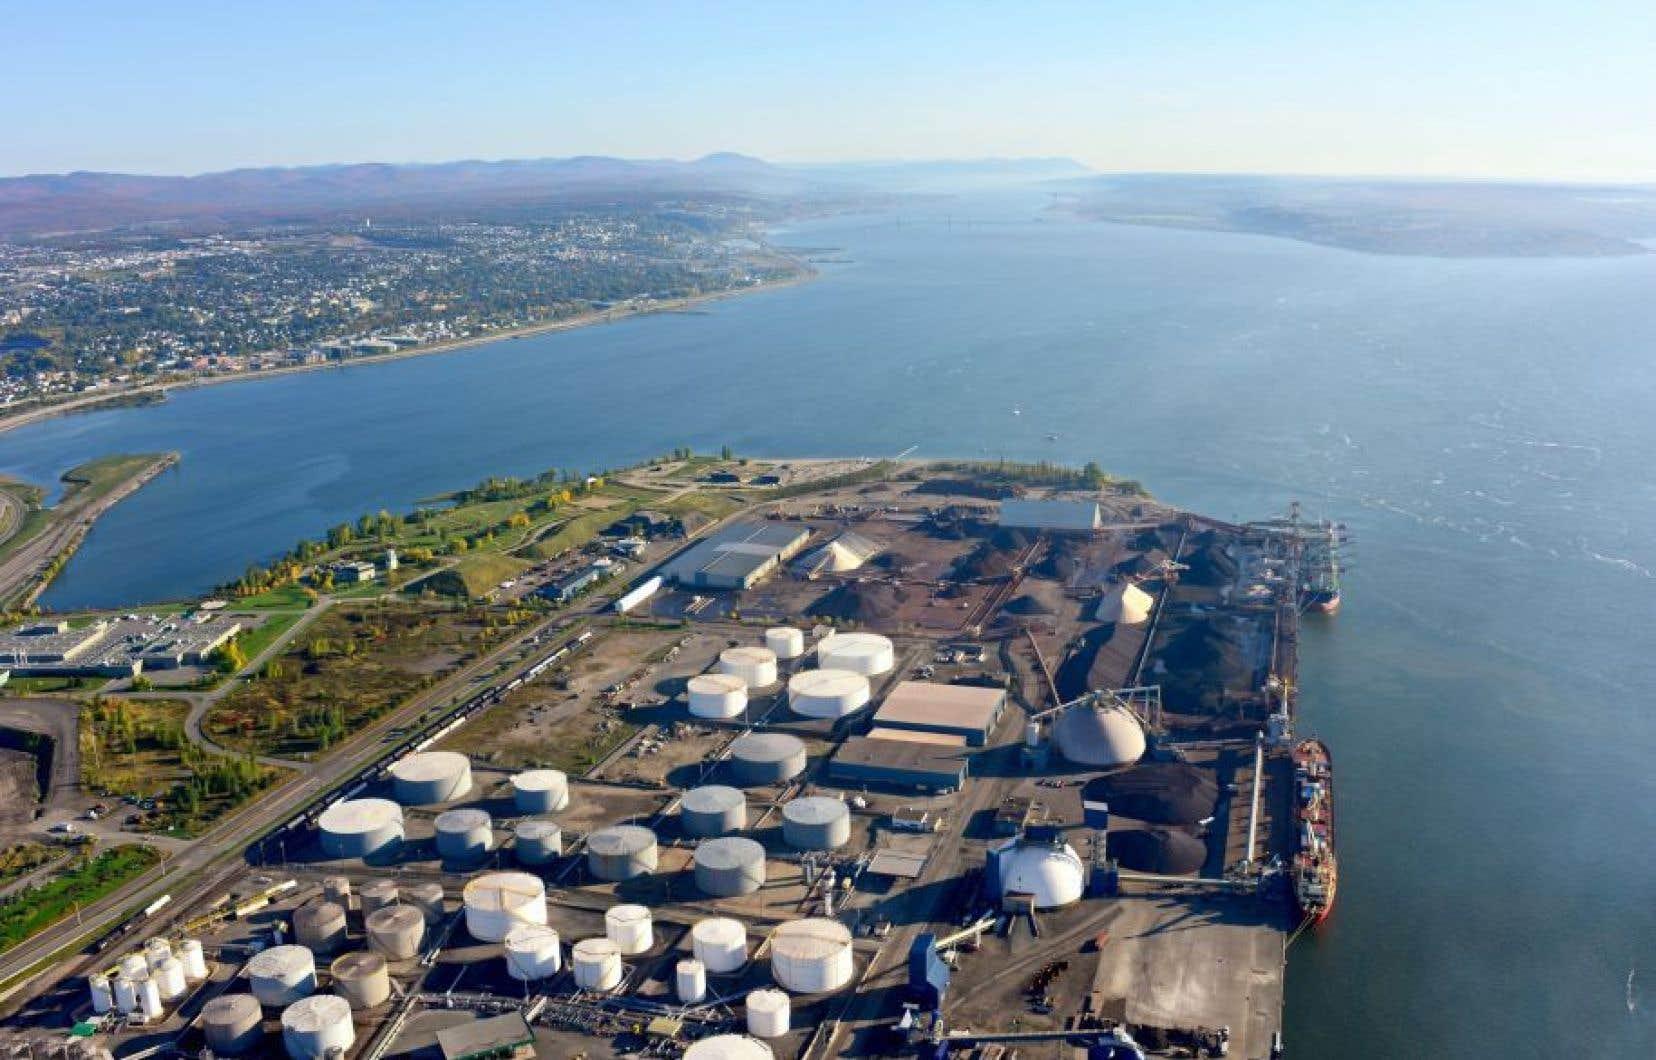 La construction sur les terrains du Port de Québec, un territoire fédéral, relève uniquement de la réglementation du gouvernement canadien.